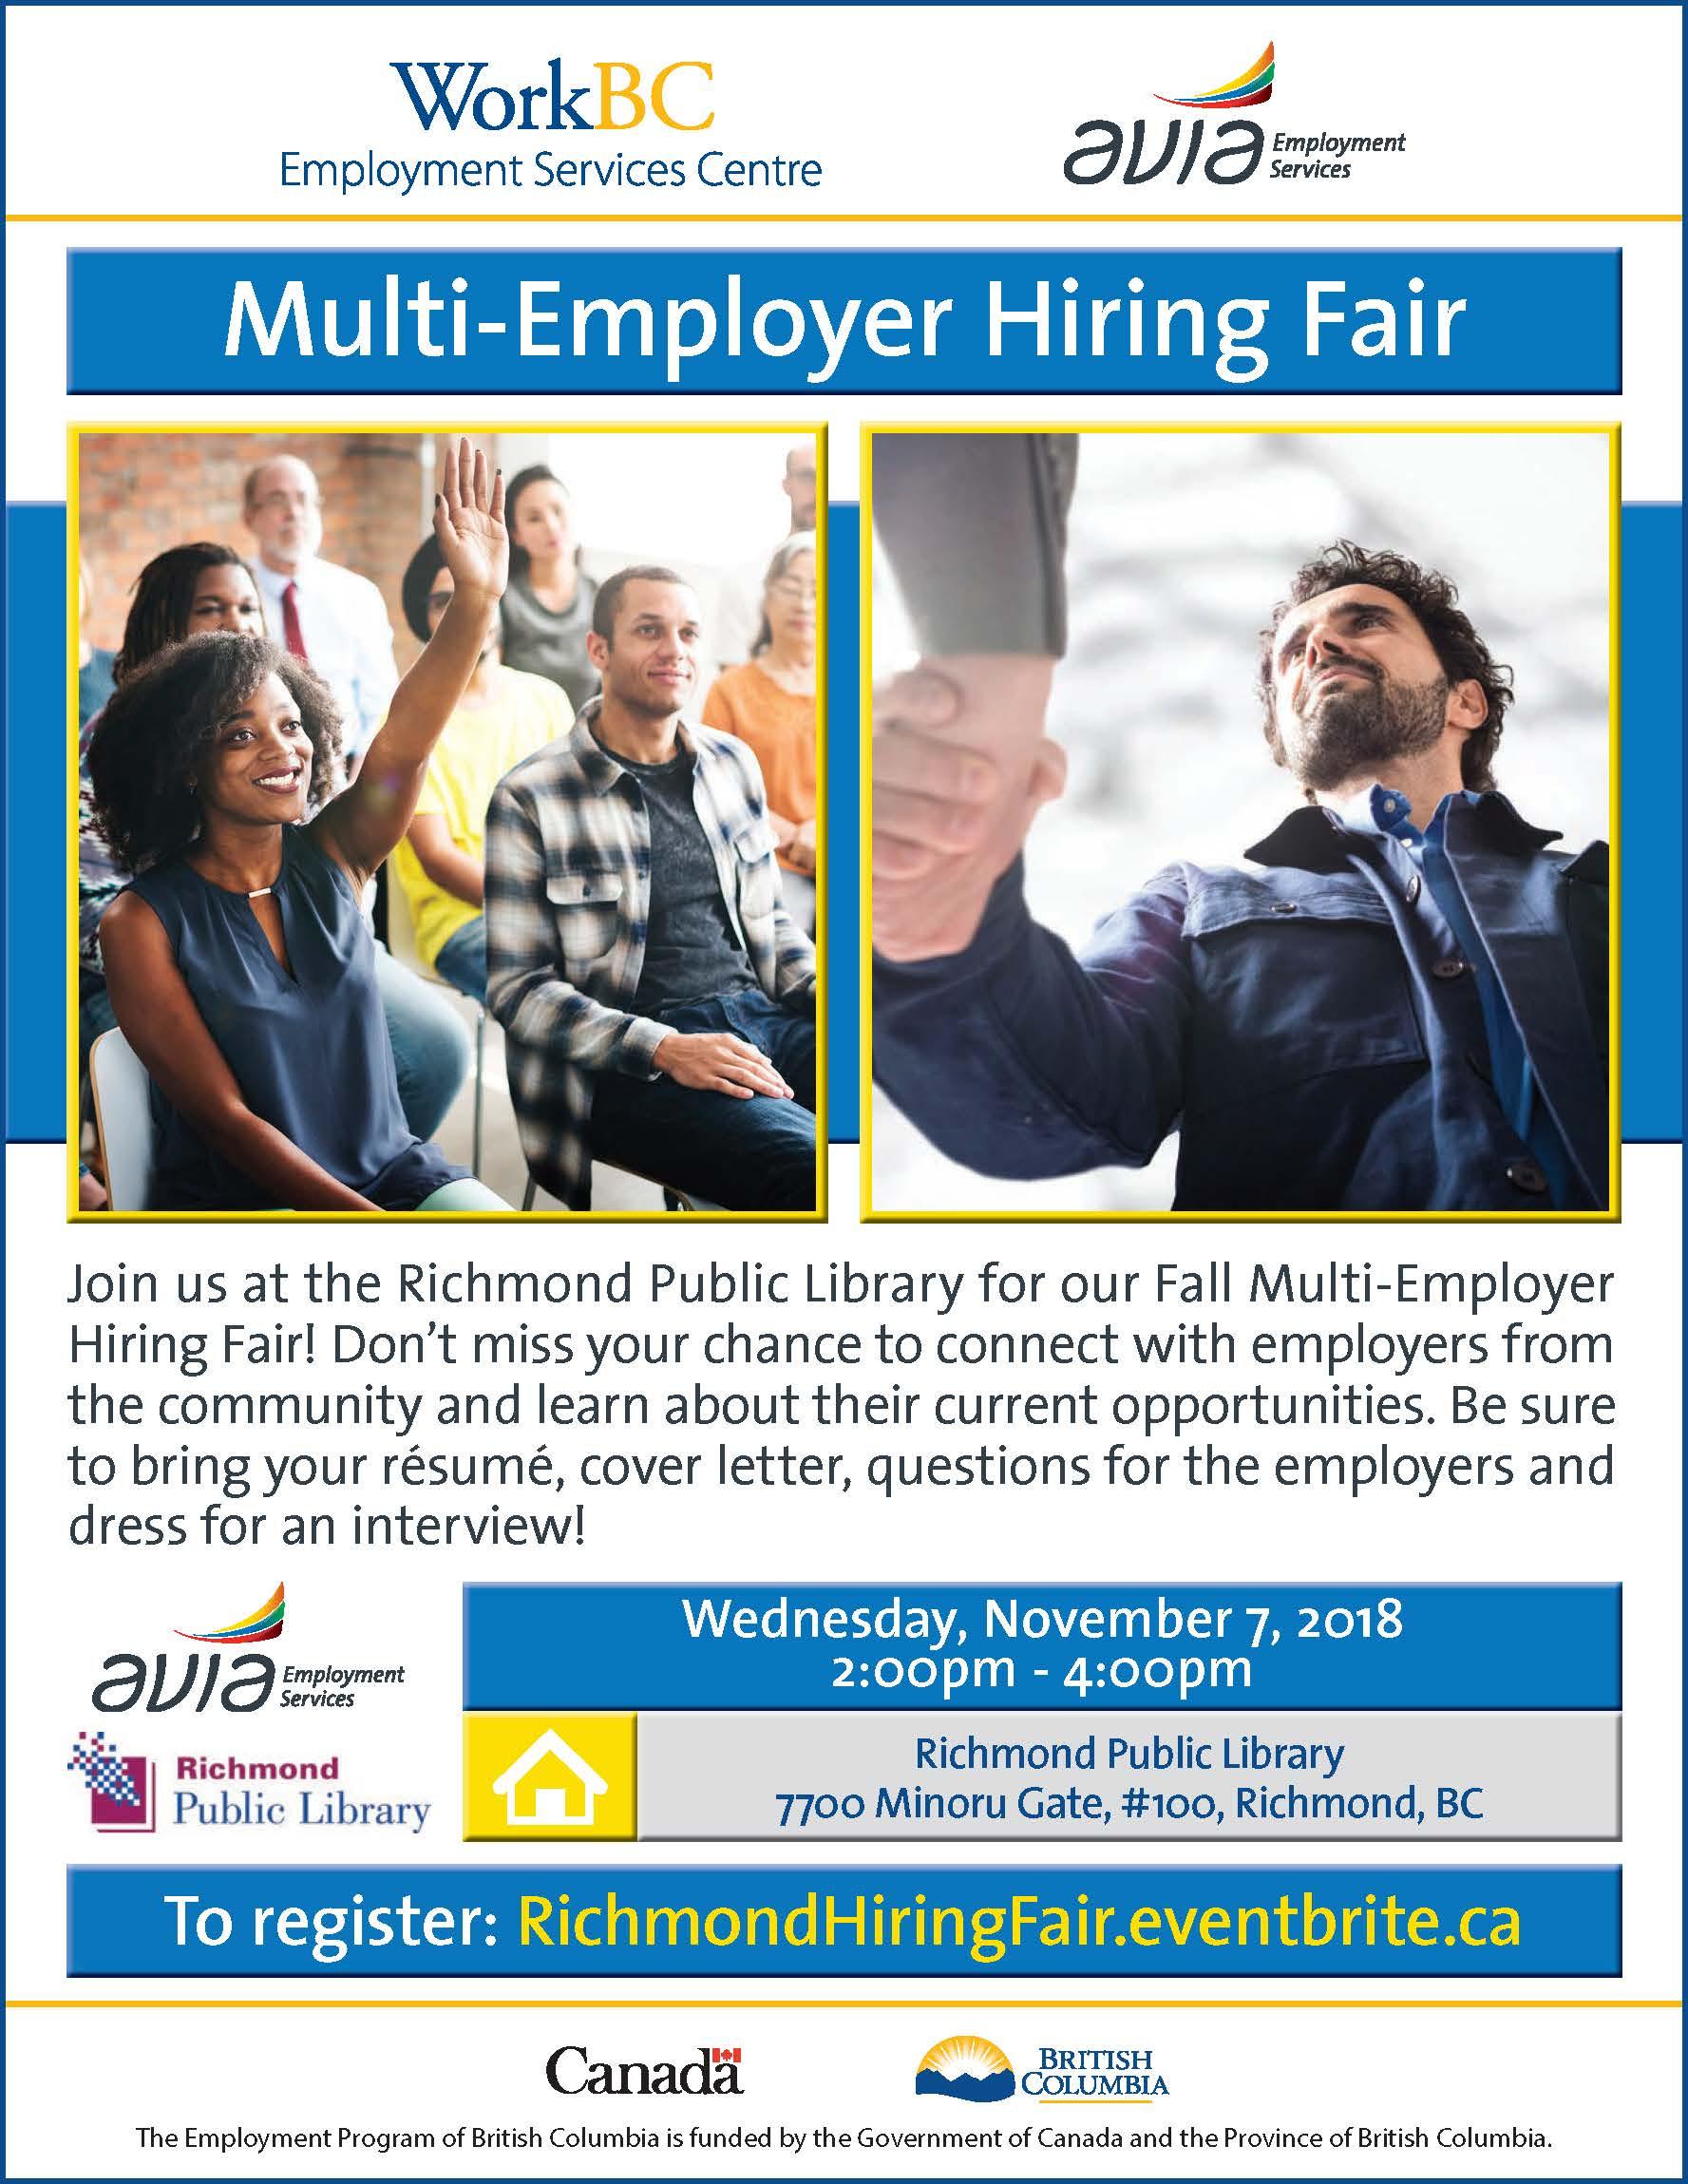 Fall 2018 Multi-Employer Hiring Fair (Richmond)